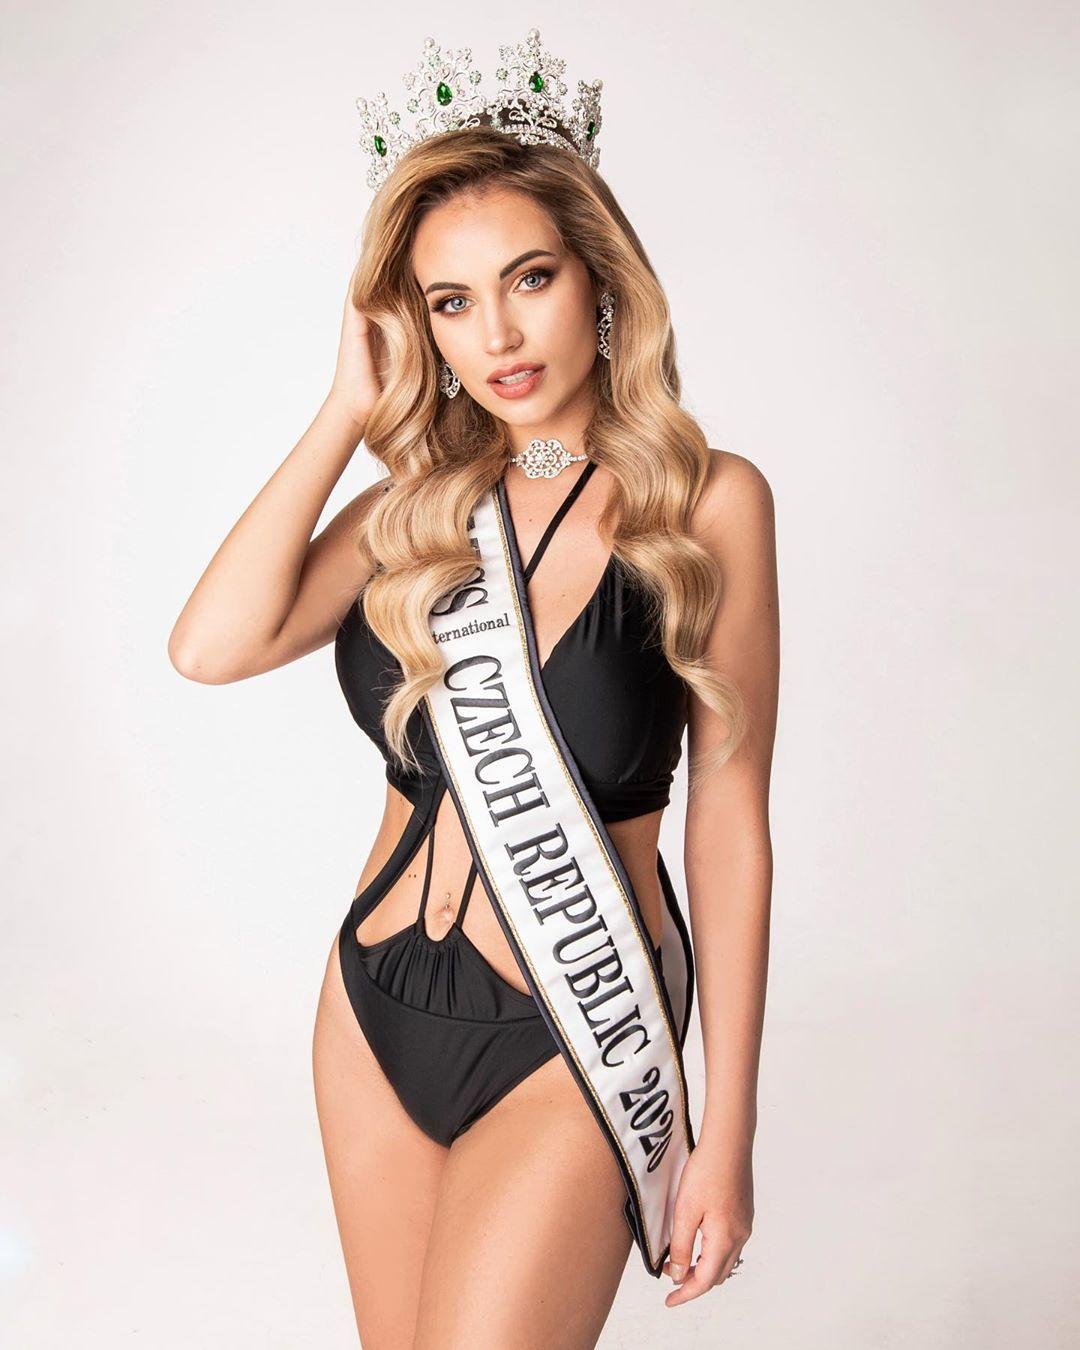 Pregnant-Miss-International-Czech-Republic-2020-Natálie-Kočendová-keeps-her-title-01